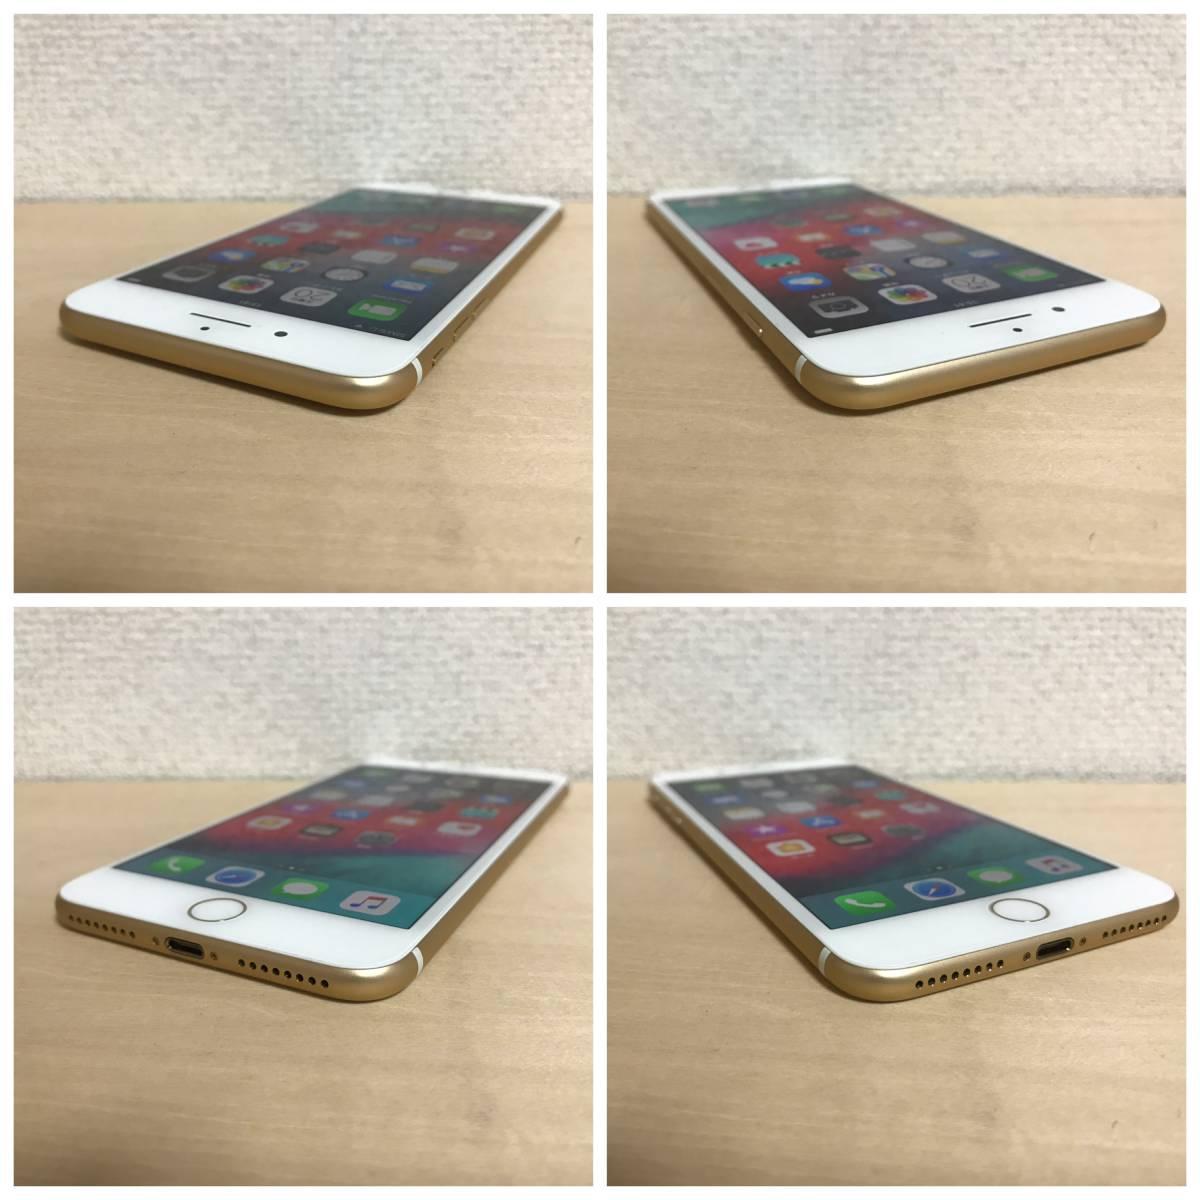 【超美品・電池良好】 SIMフリー iPhone7 Plus 128GB Gold iPhone7プラス_画像5